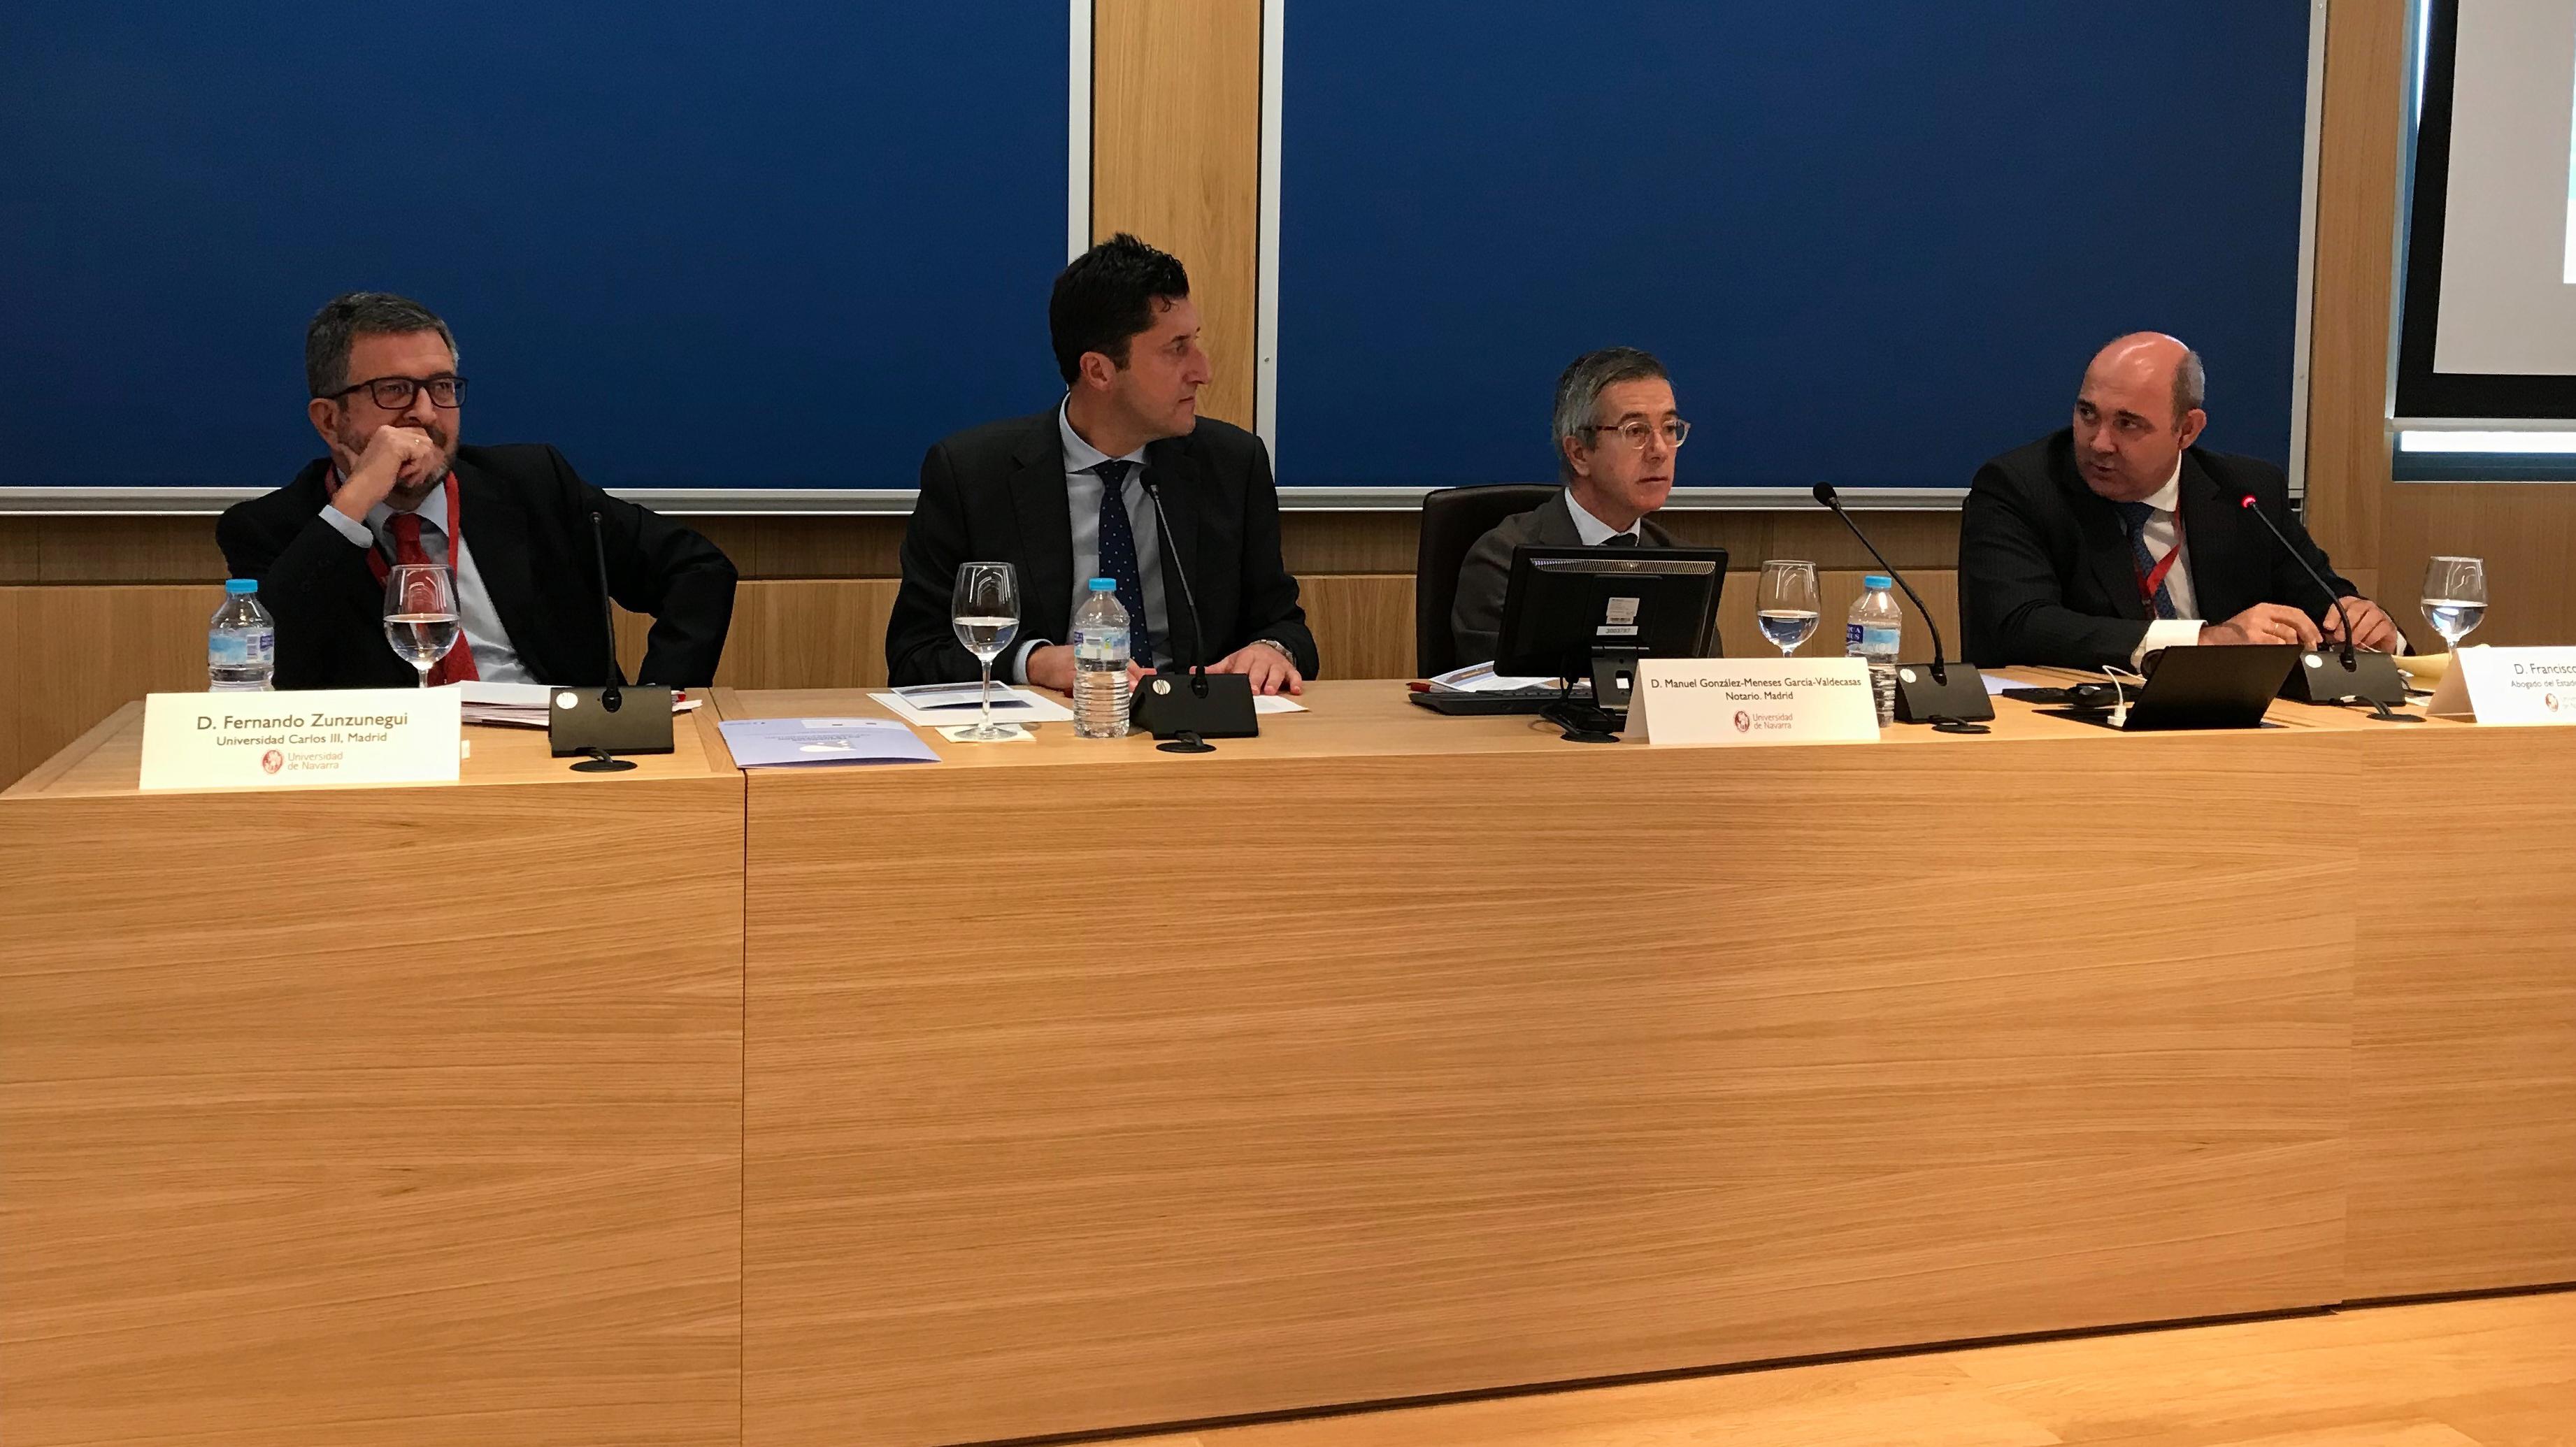 Universidad de Navarra Jornada regulación Financiera Open Banking: Hacia un modelo de banca abierta (PSD2)